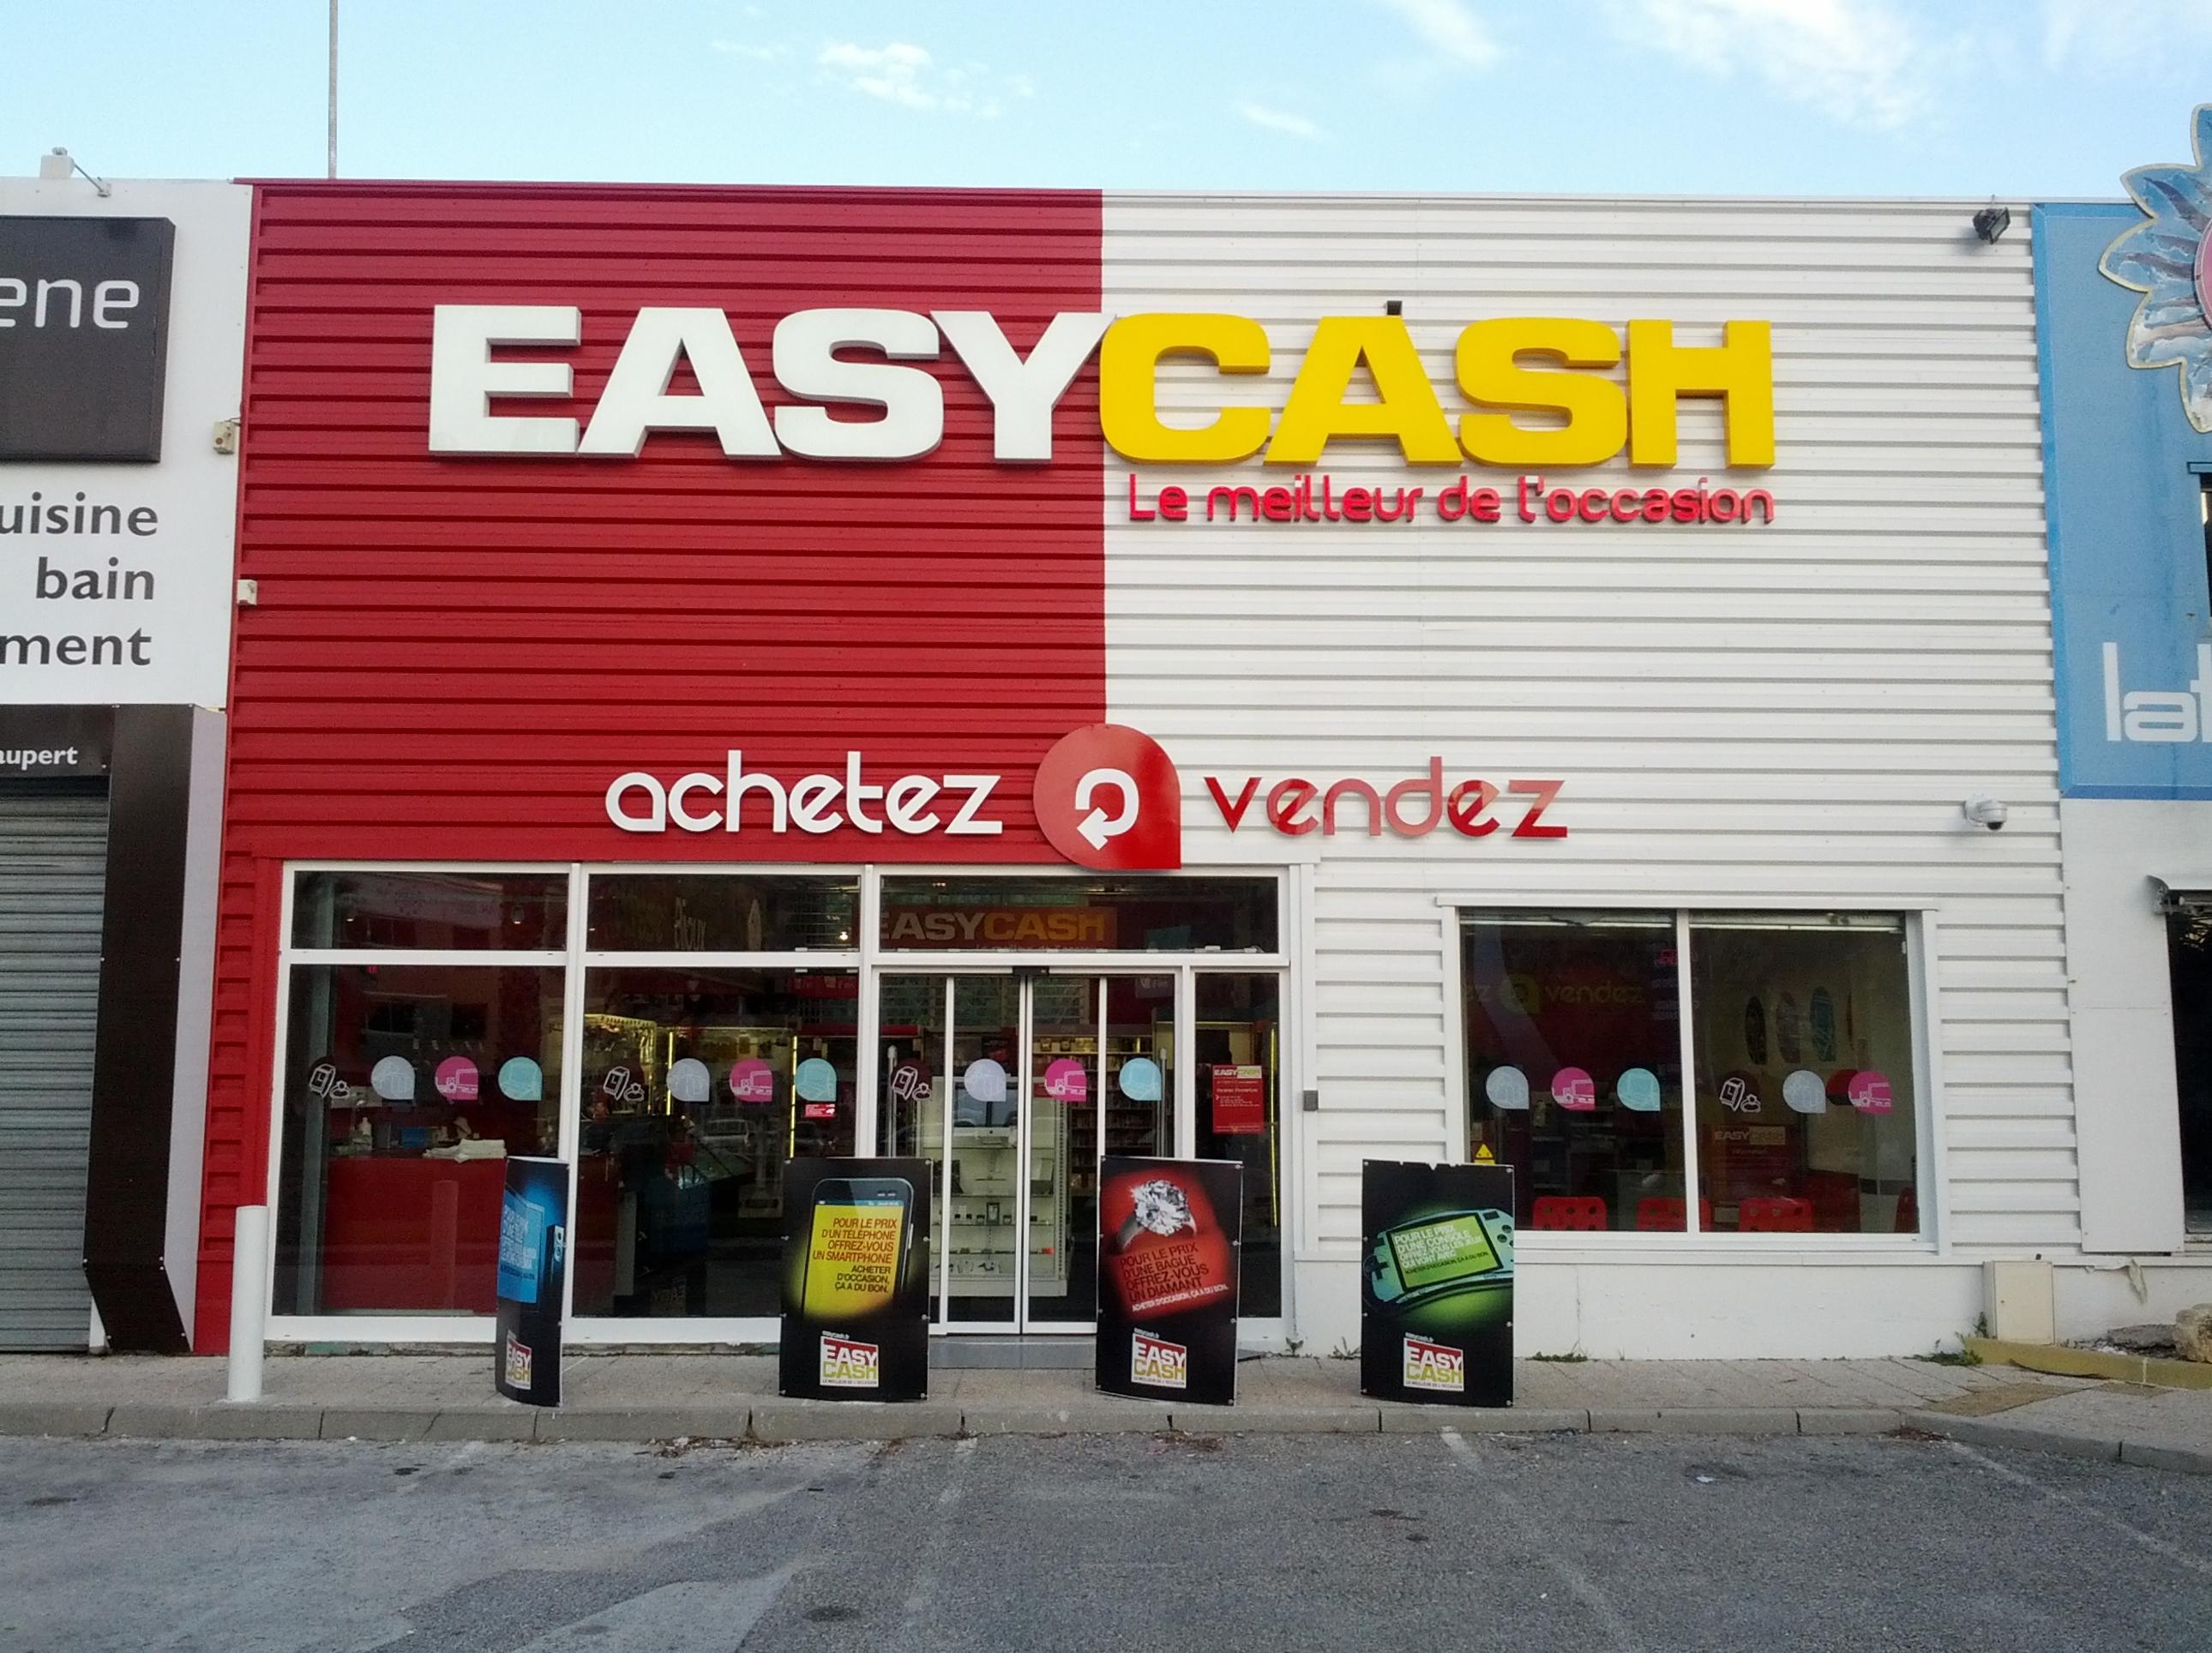 location sono easy cash